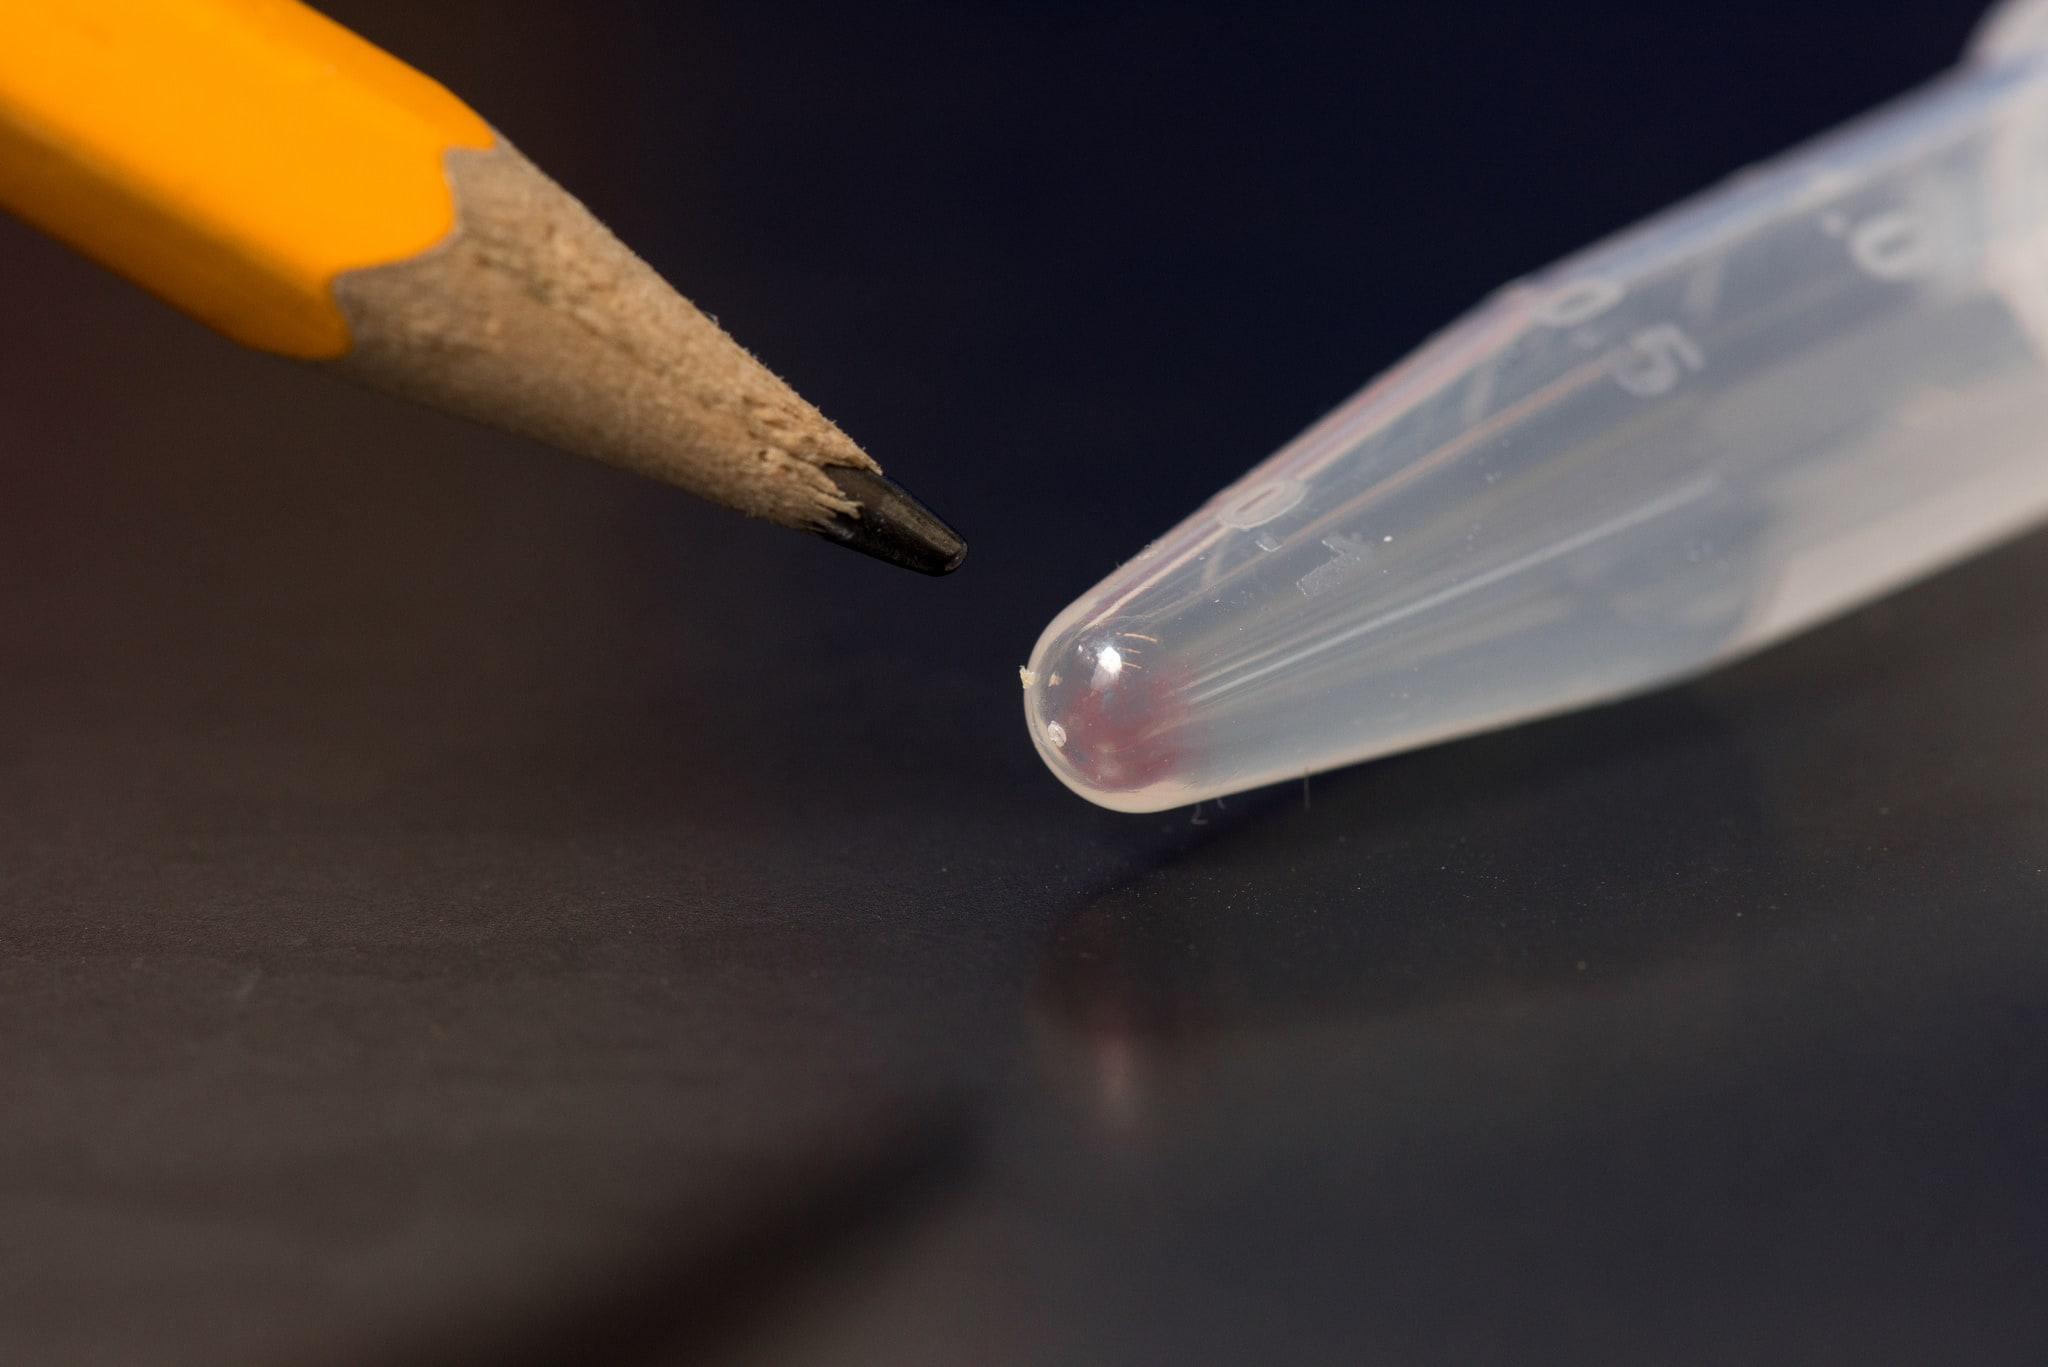 Ученые записали в ДНК рекордные 200 мегабайт данных